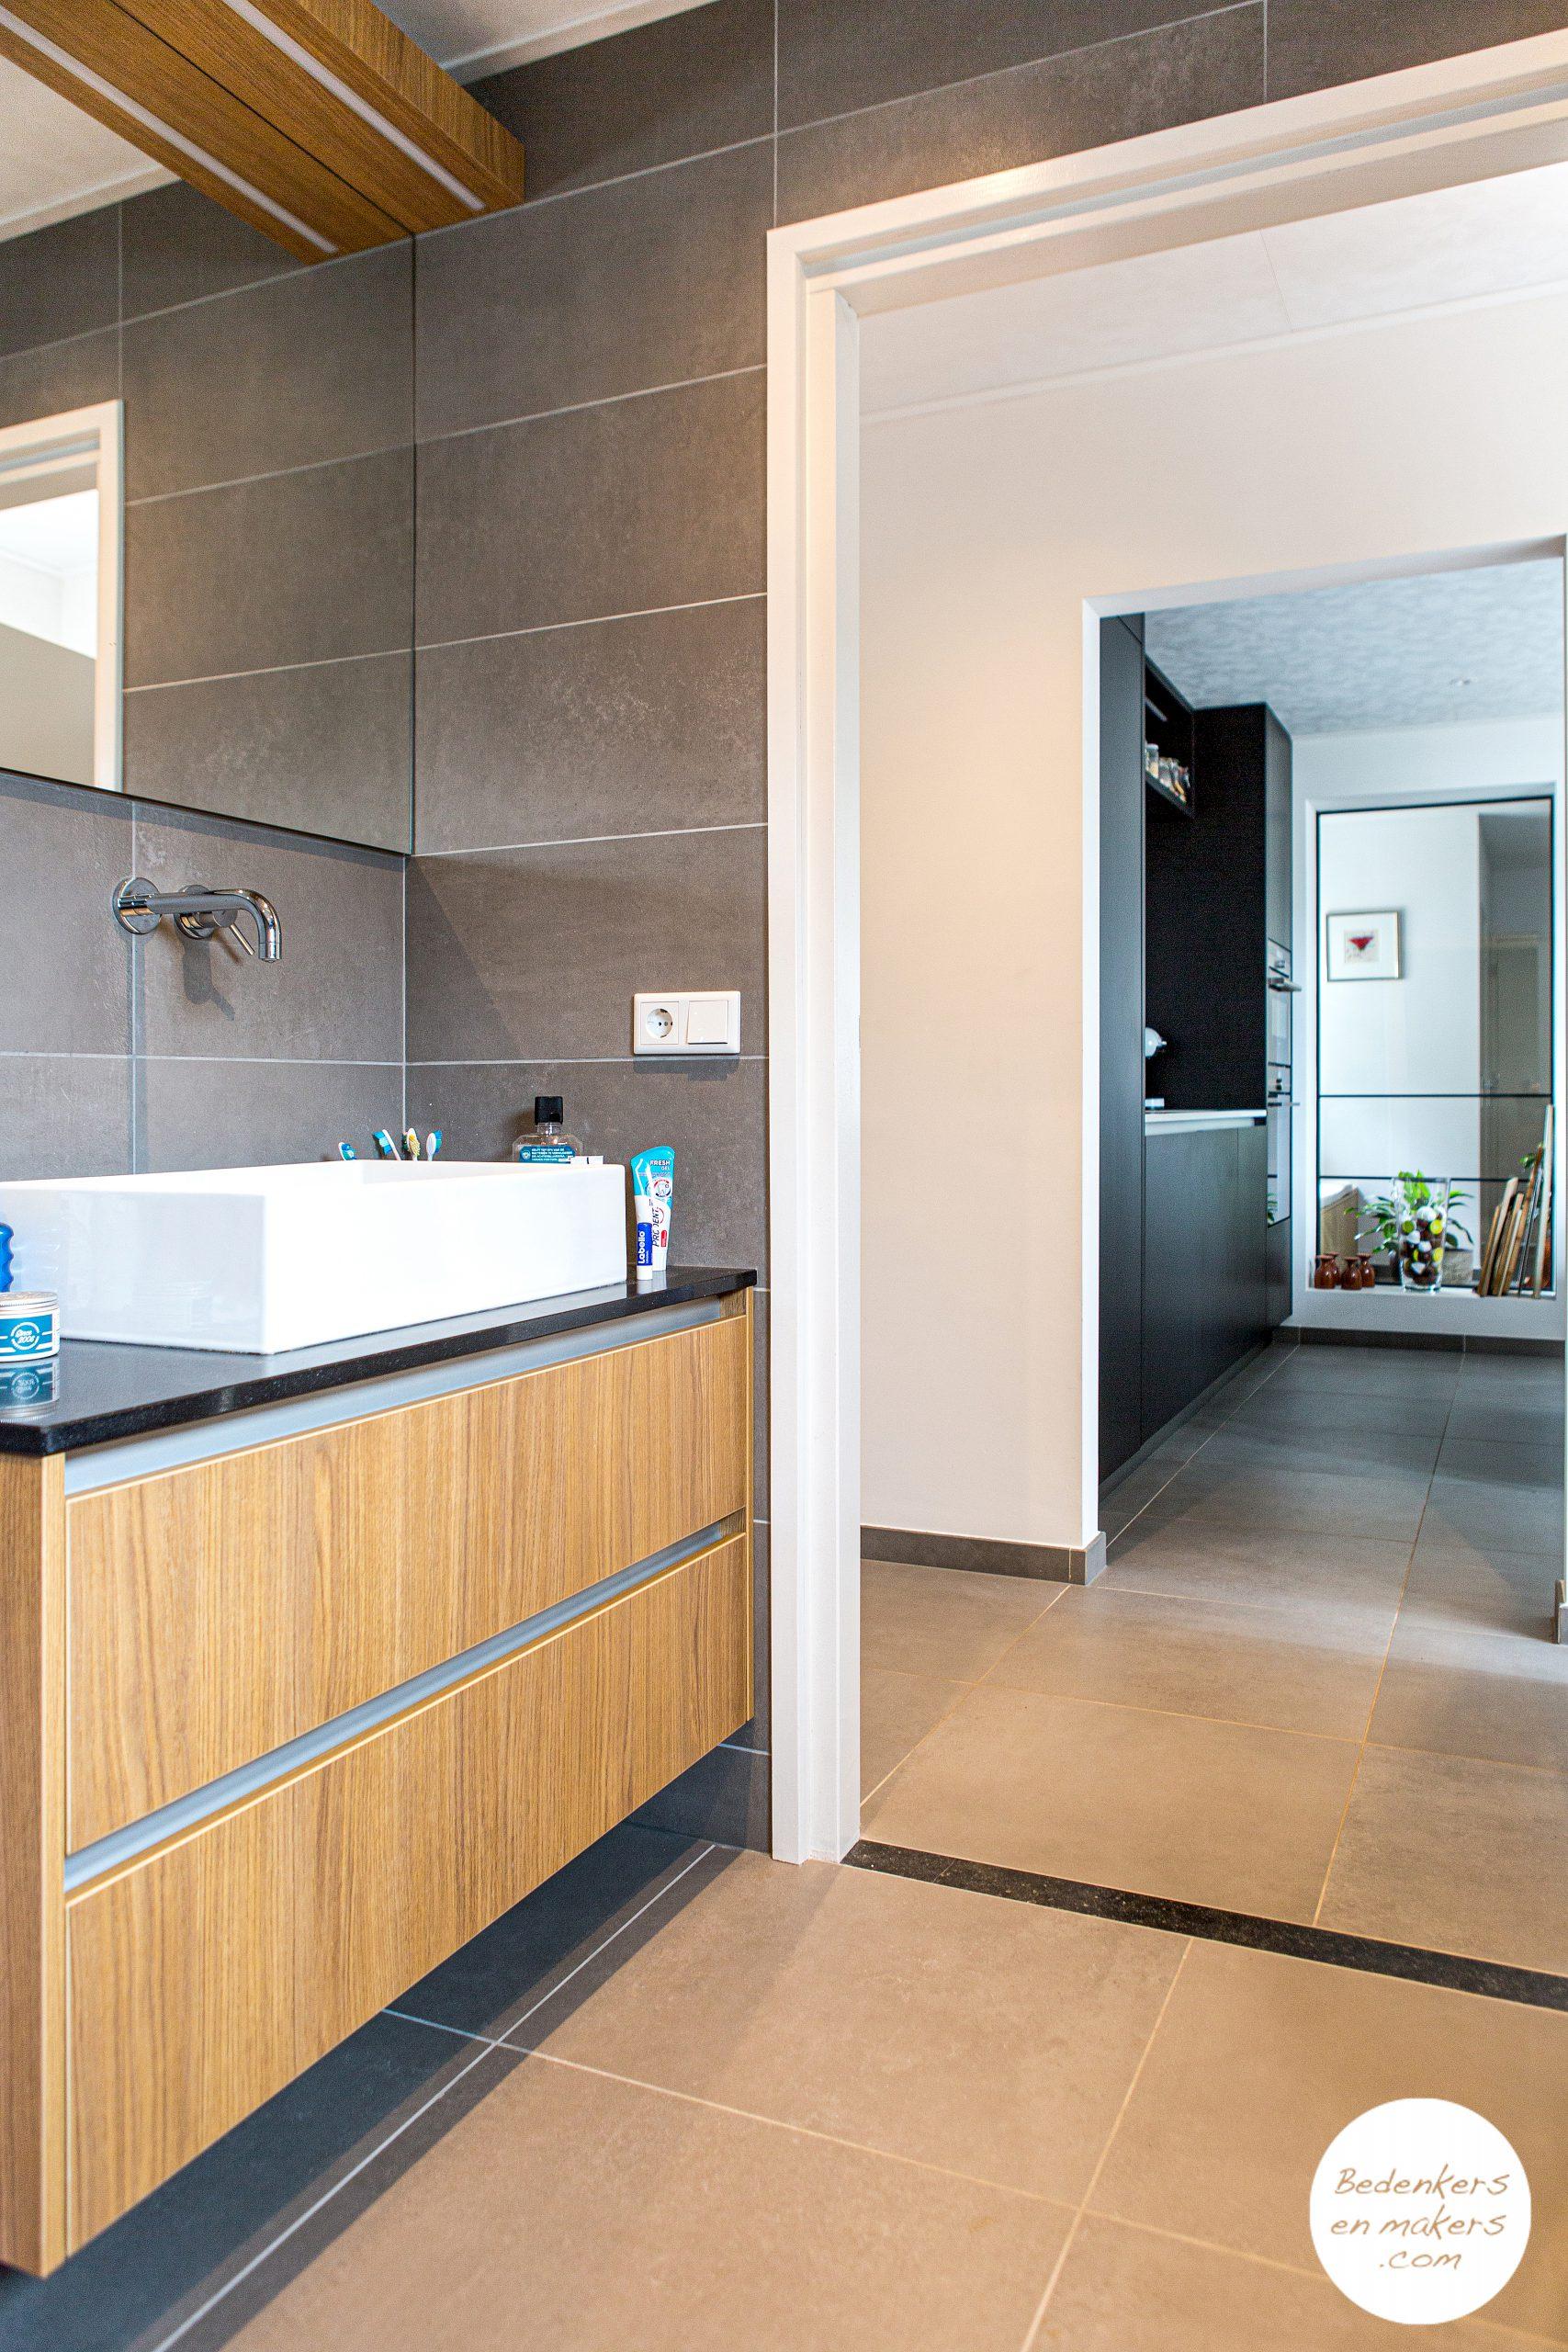 levensloopbestendige badkamer begane grond met zichtlijnen in huis S20C172901